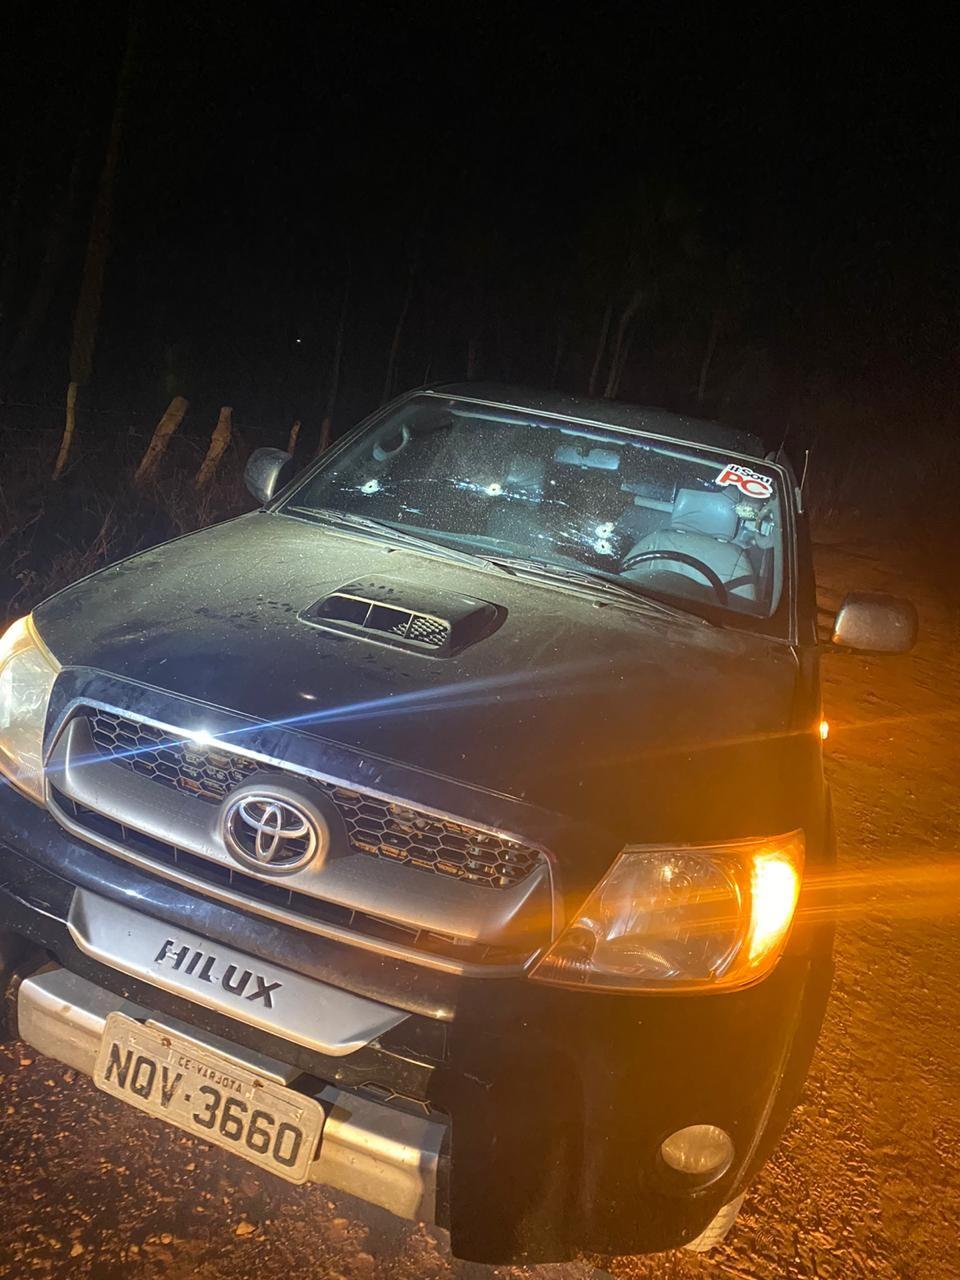 Candidato a prefeito no Ceará tem carro alvejado a tiros em estrada de terra; polícia investiga suposto atentado